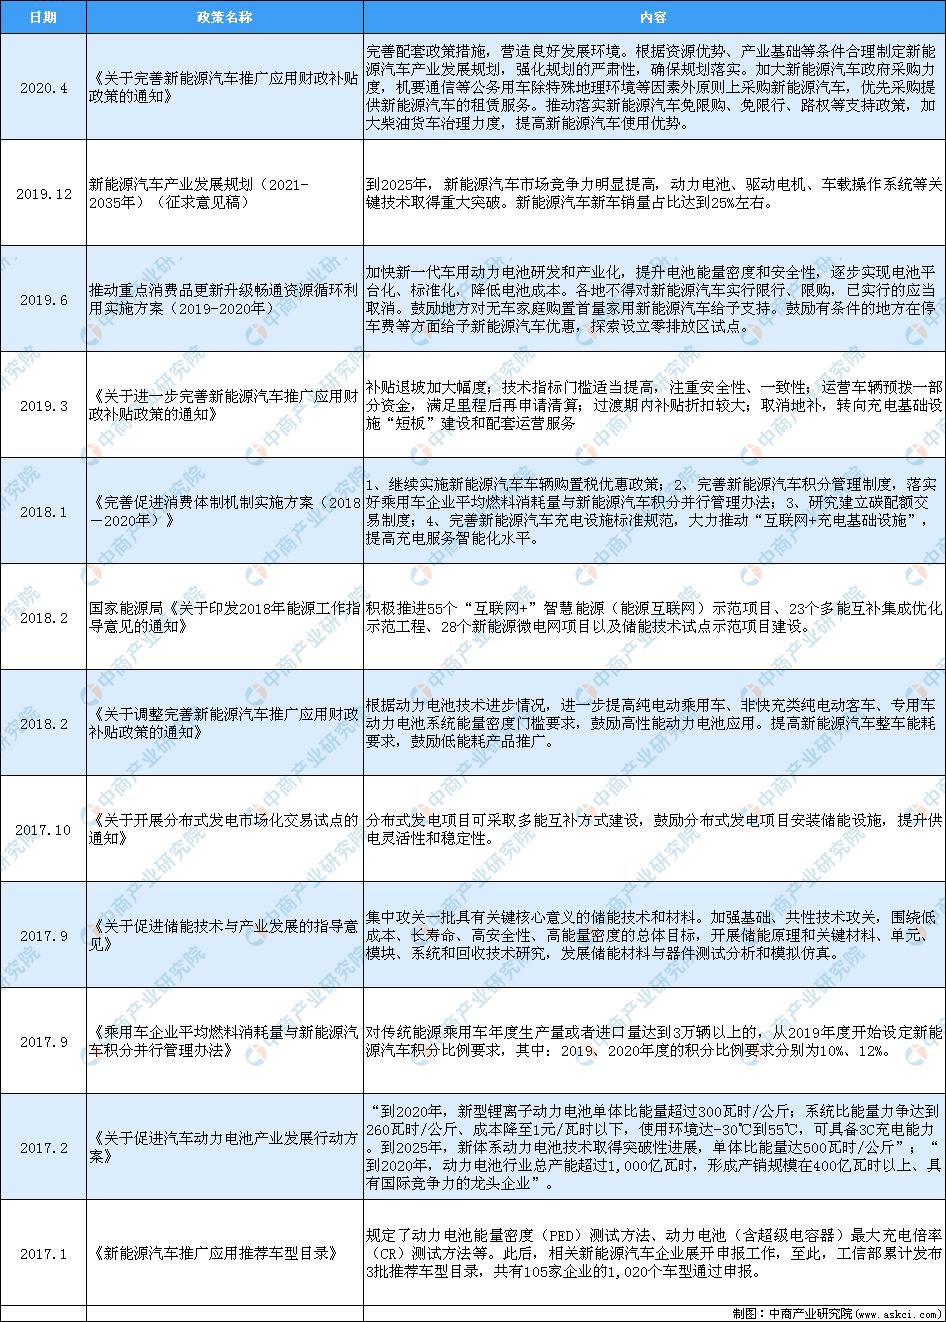 2020年中国锂电池行业最新政策汇总